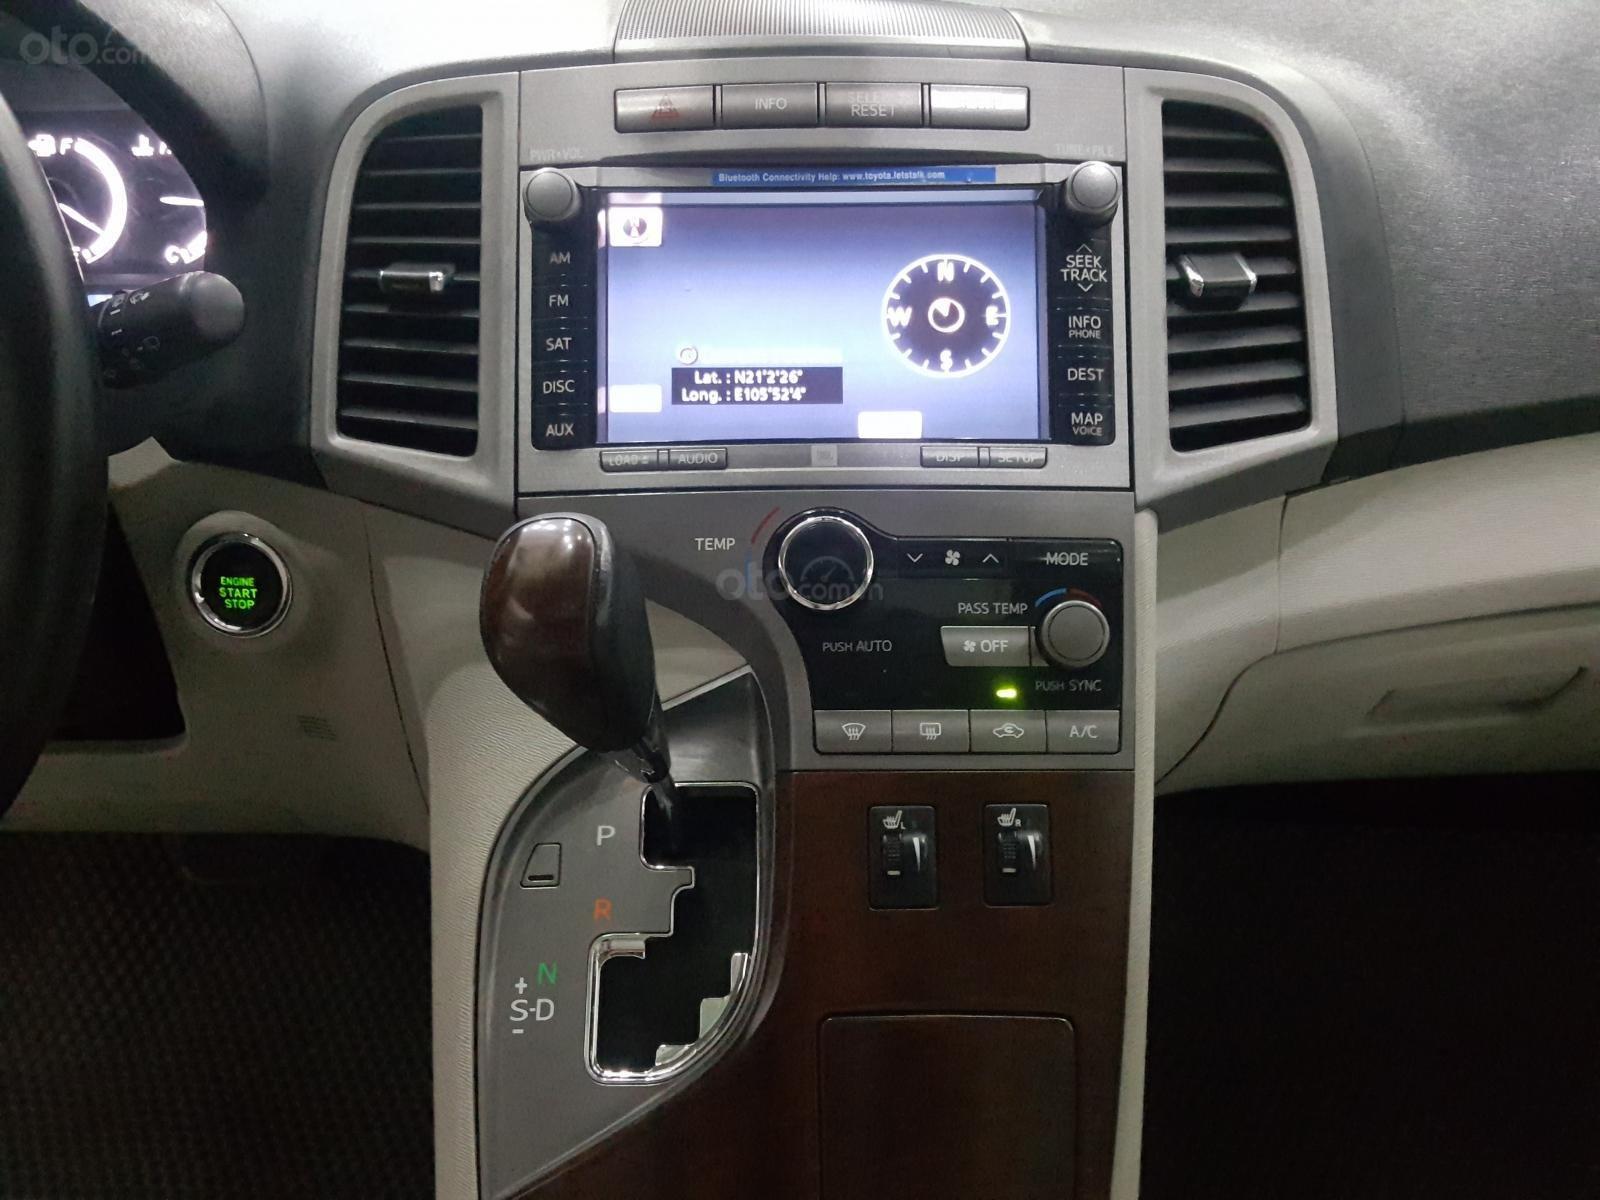 Cần bán Toyota Venza sản xuất 2009 bản full kịch, 1 chủ đi từ mới (8)